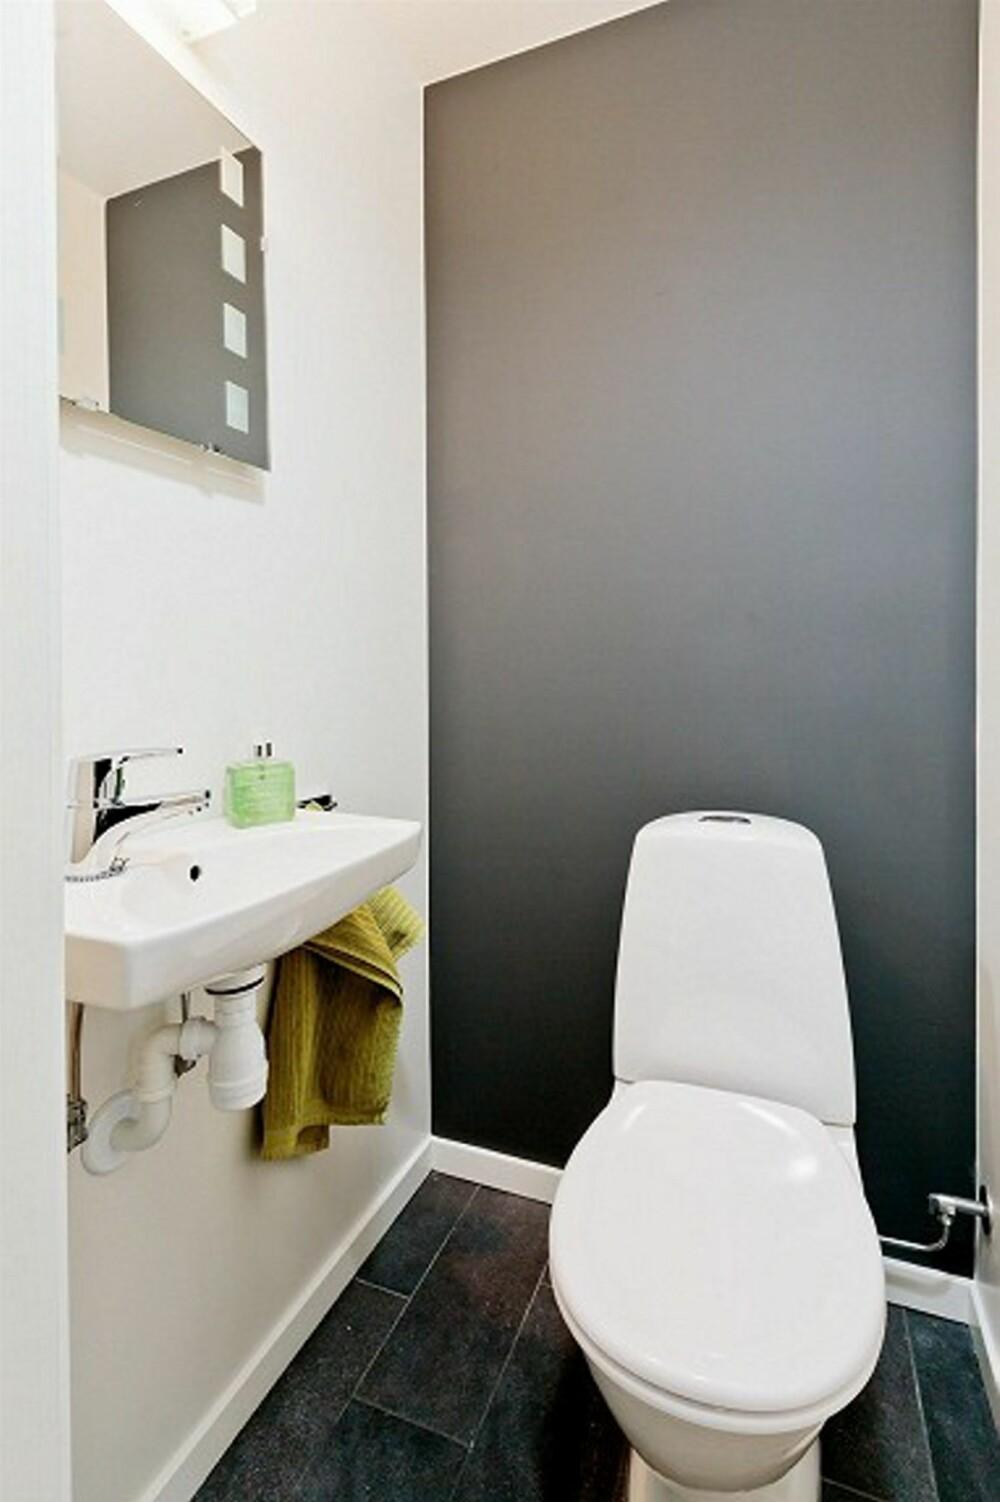 MØRK GRÅ: Den ene veggen på toalettet ble malt i en tydelig kontrastfarge i boligen som gikk godt over takst.